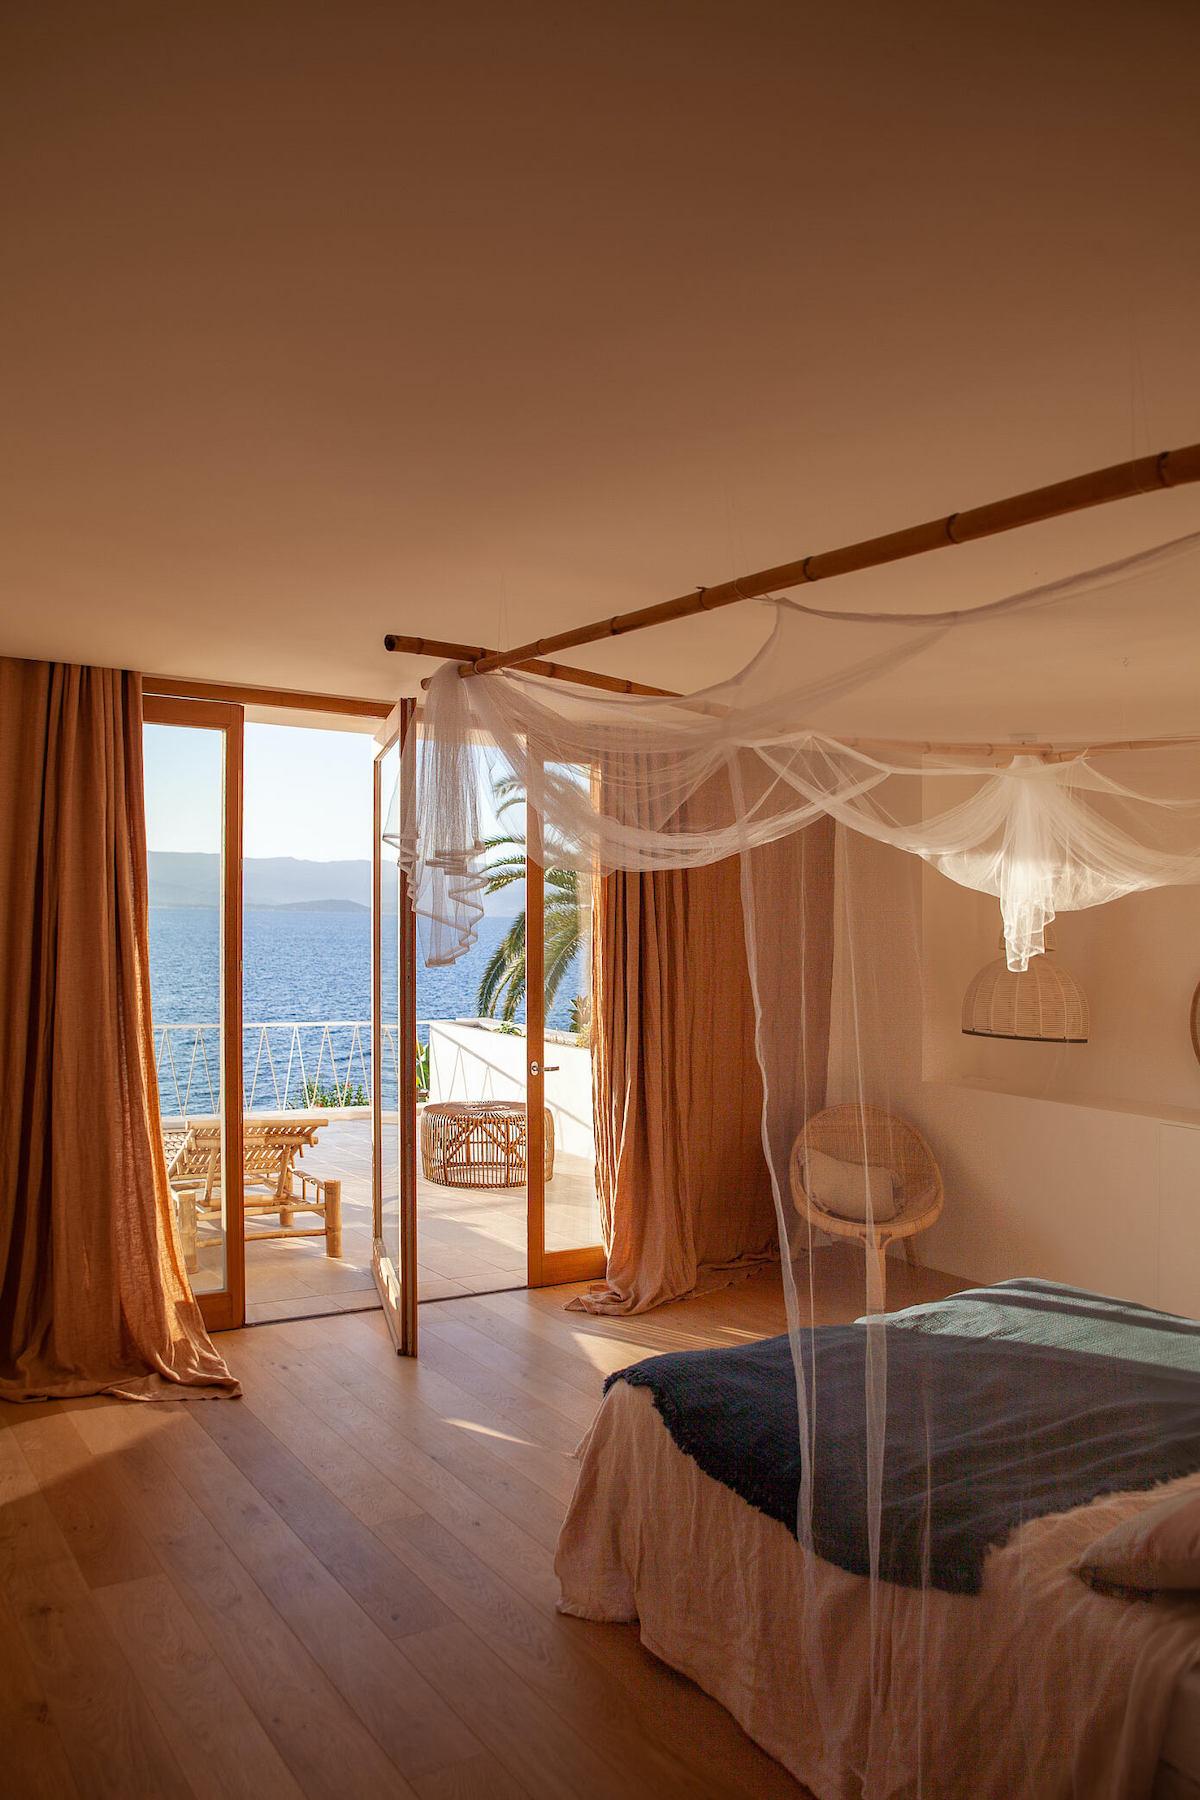 chambre lit baldaquin voilage bambou décoration bord de mer